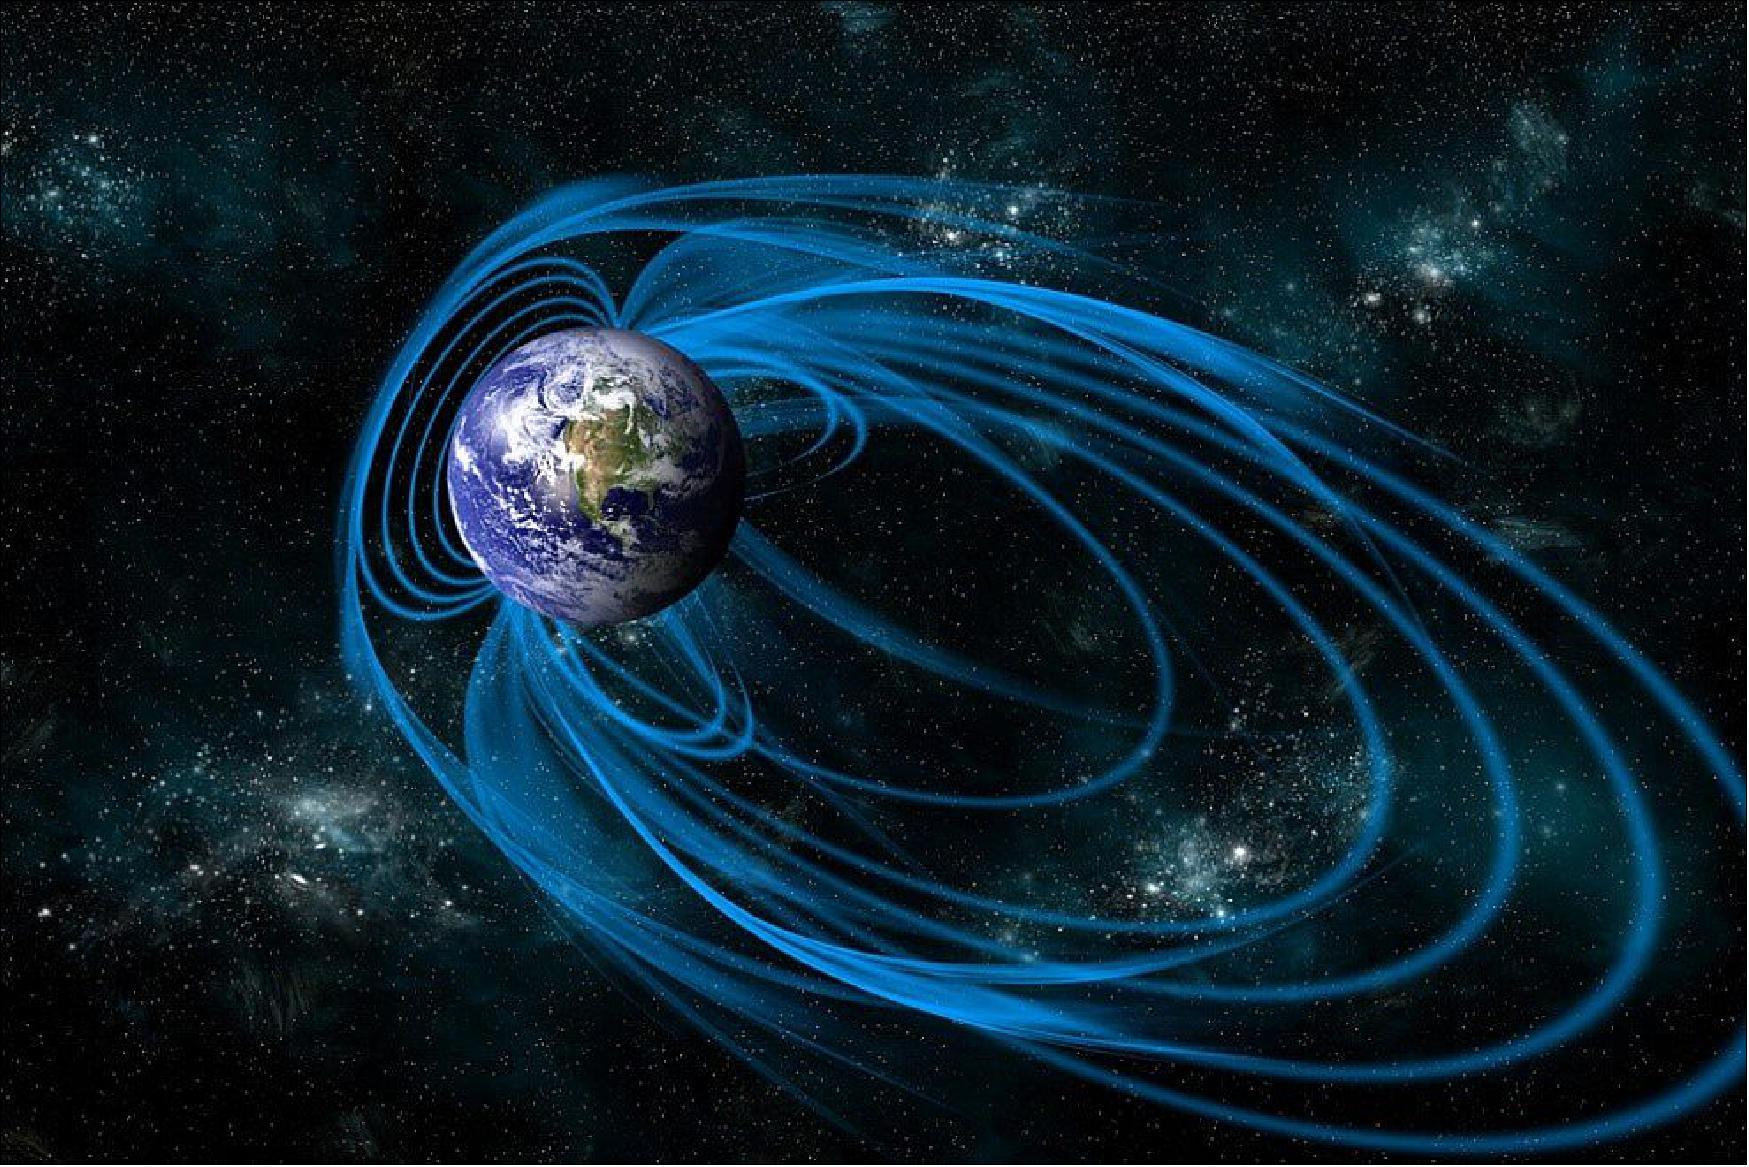 voda-na-mjesecu-zemljino-magnetsko-polje